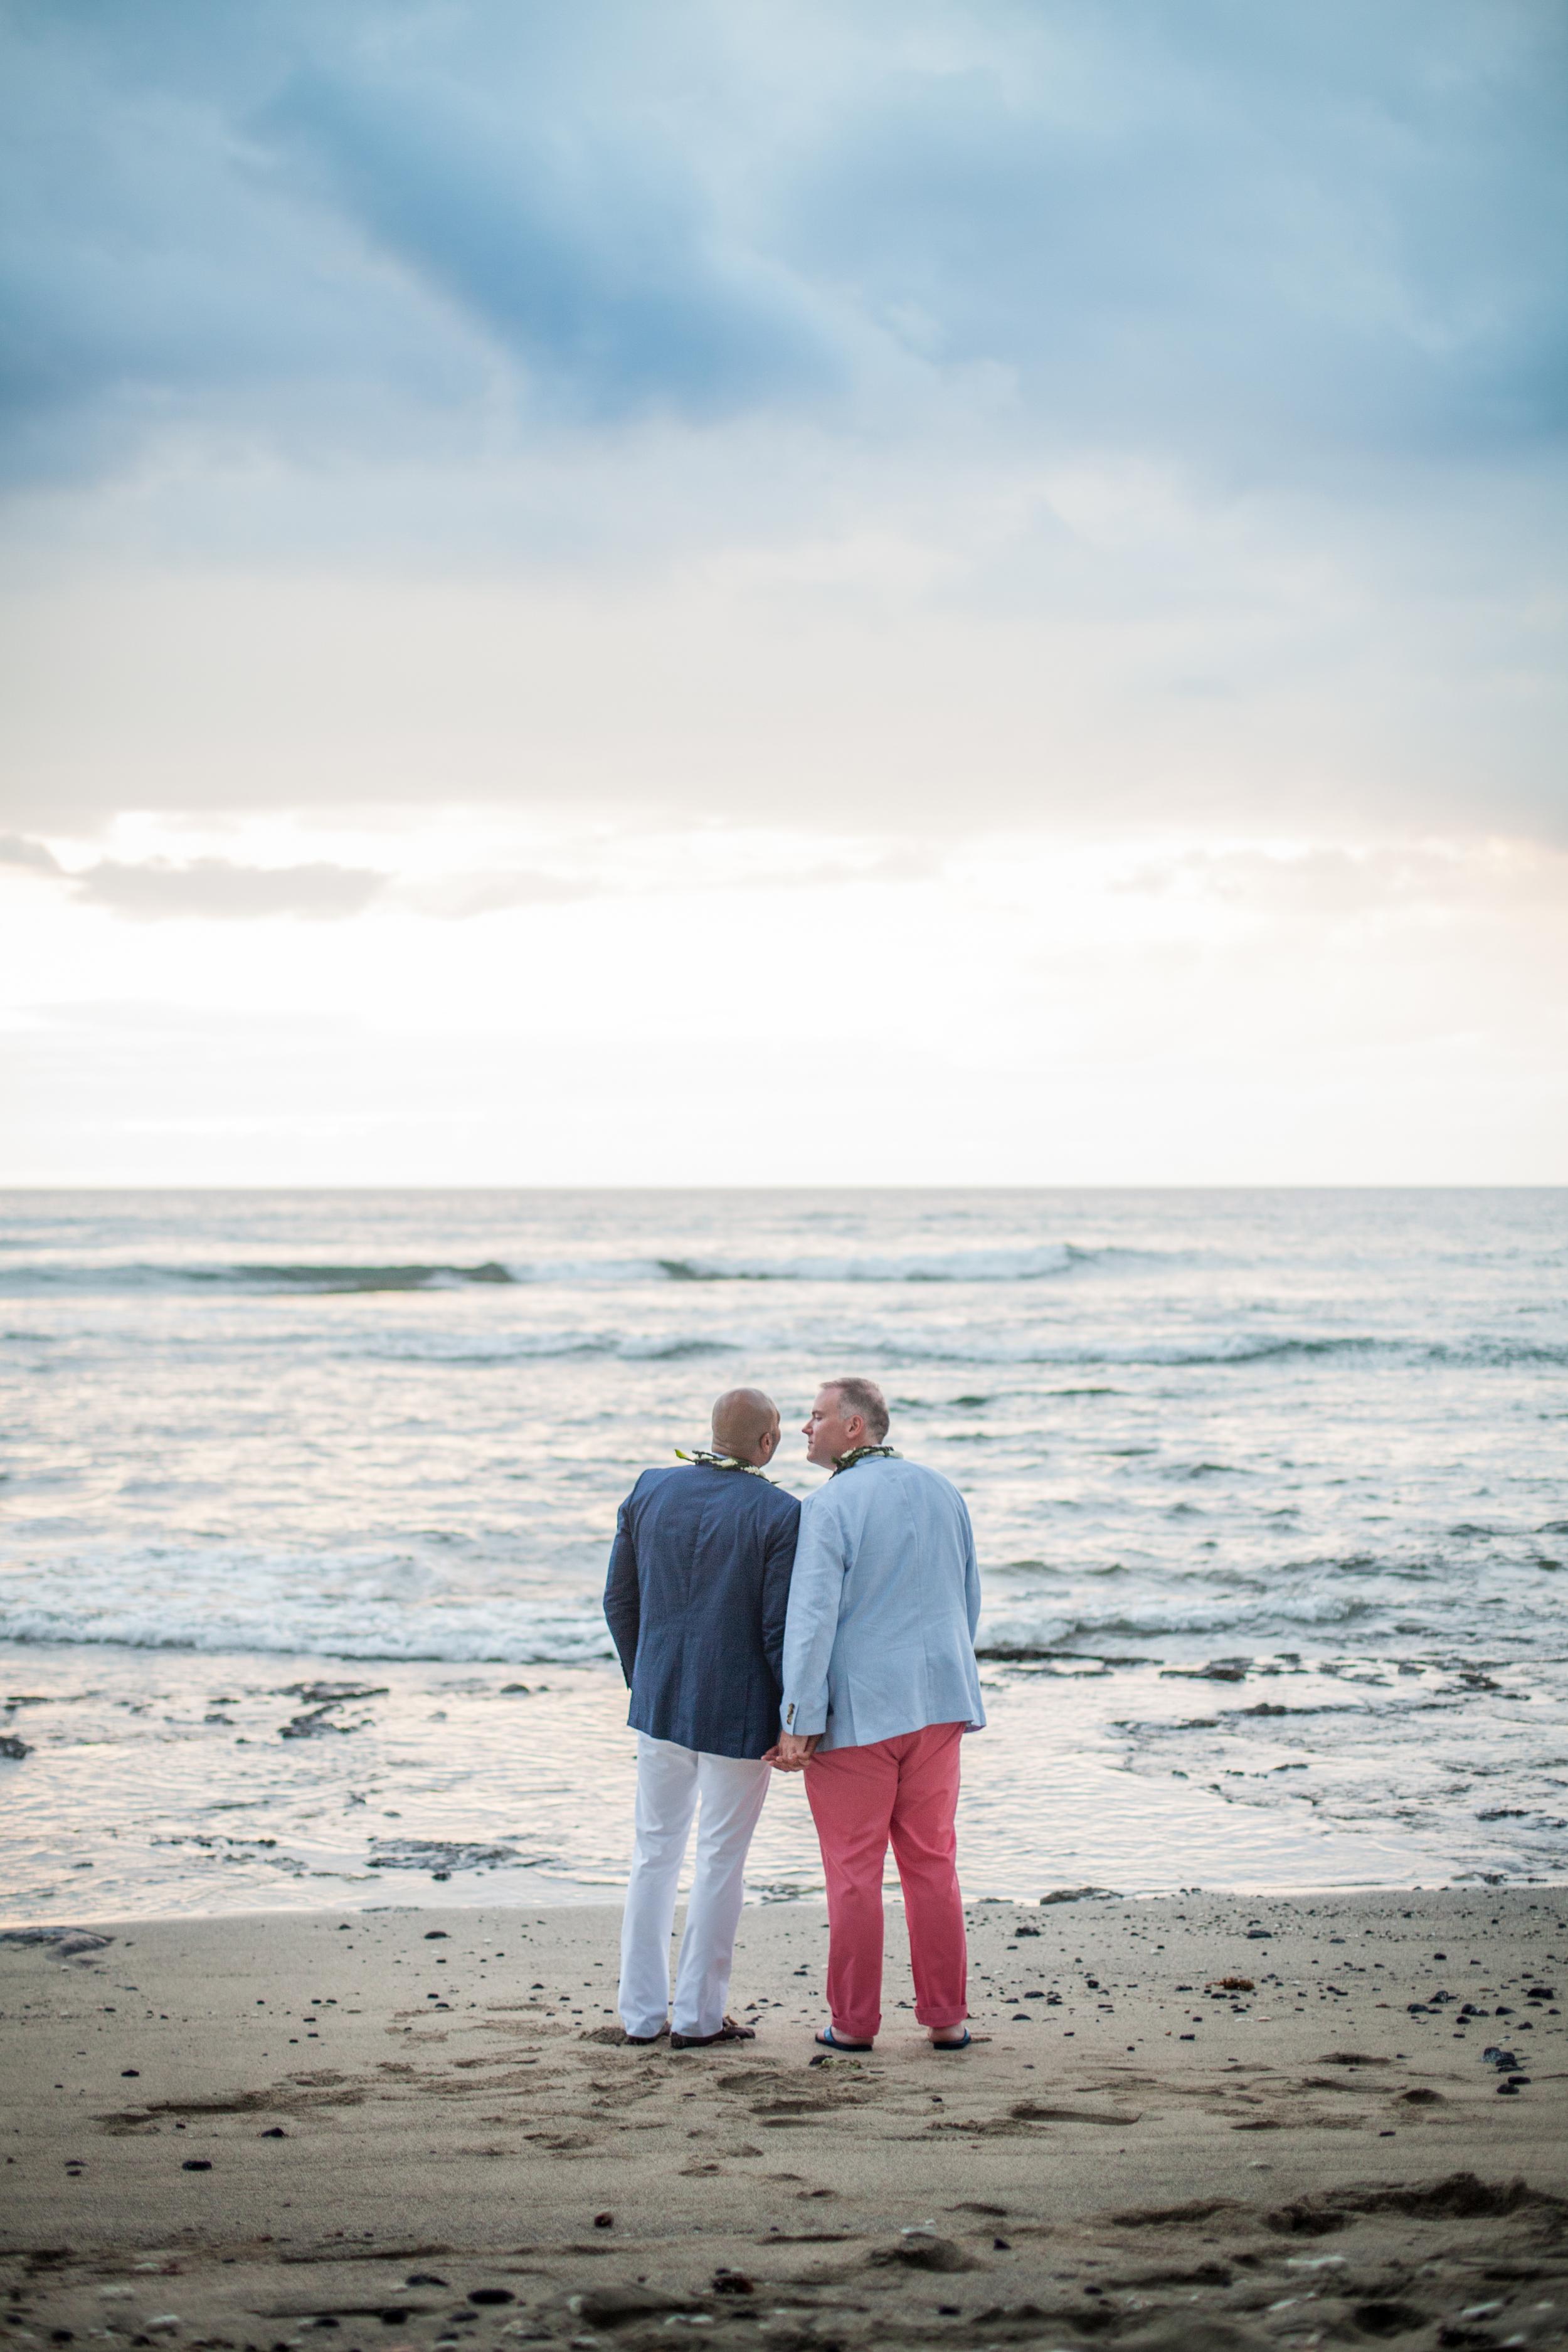 big island hawaii rmauna lani beach wedding © kelilina photography 20160601184932-3.jpg